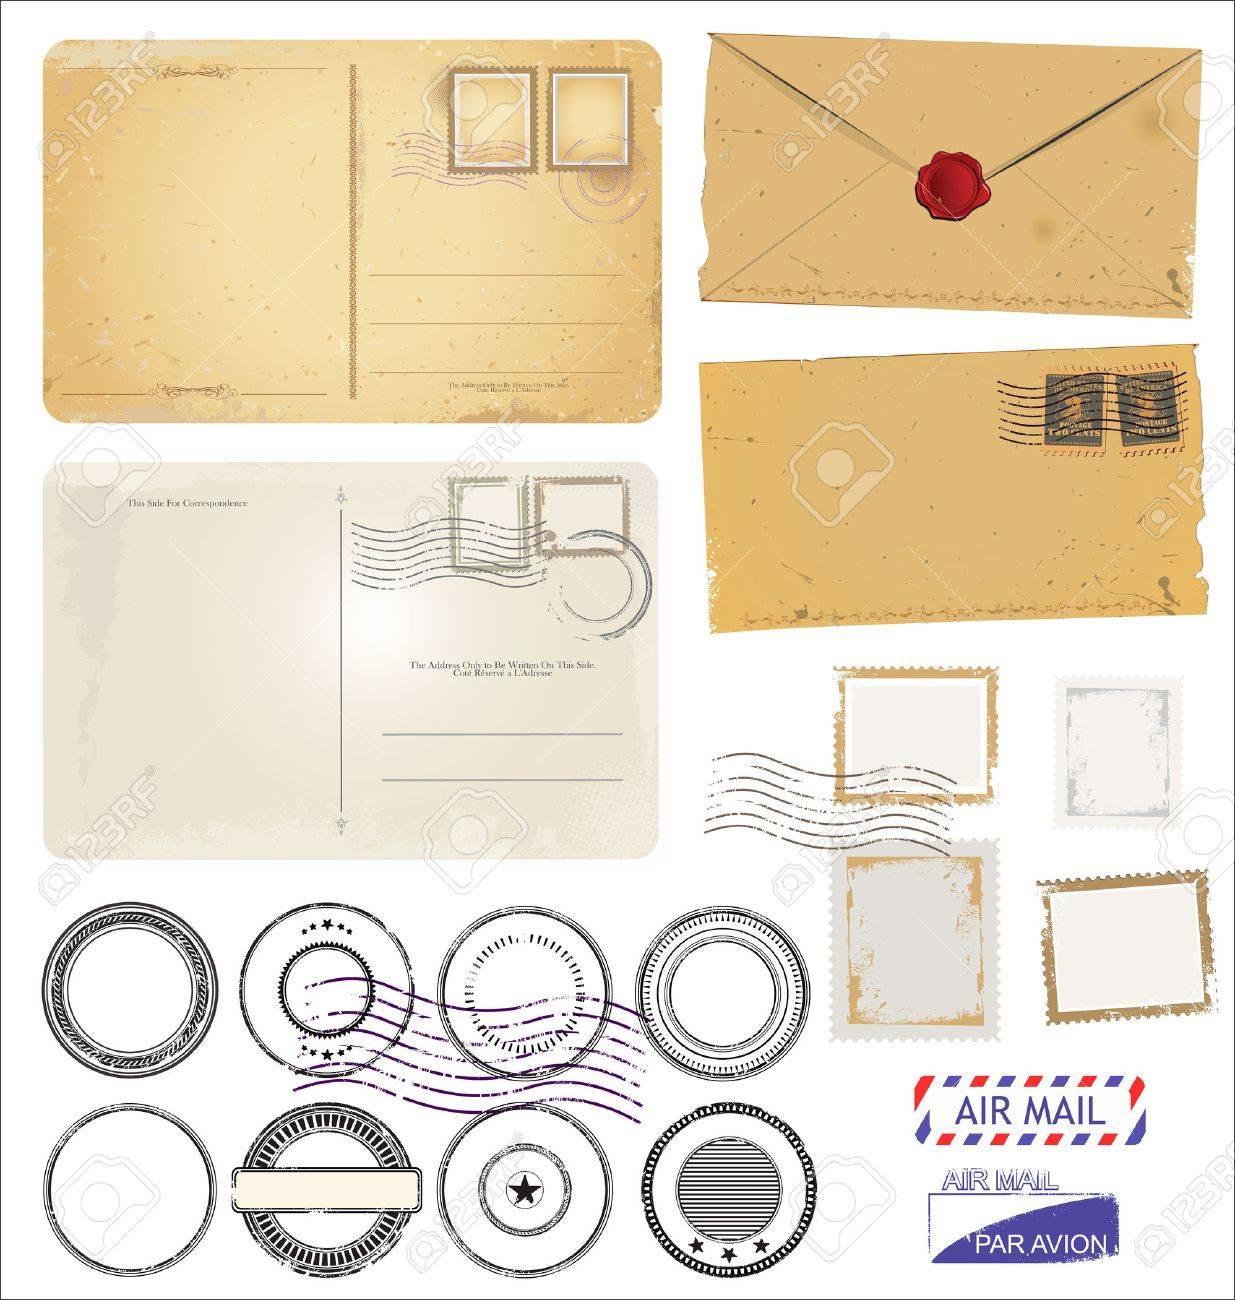 Vintage postcard designs envelopes and black stamps - 50076935